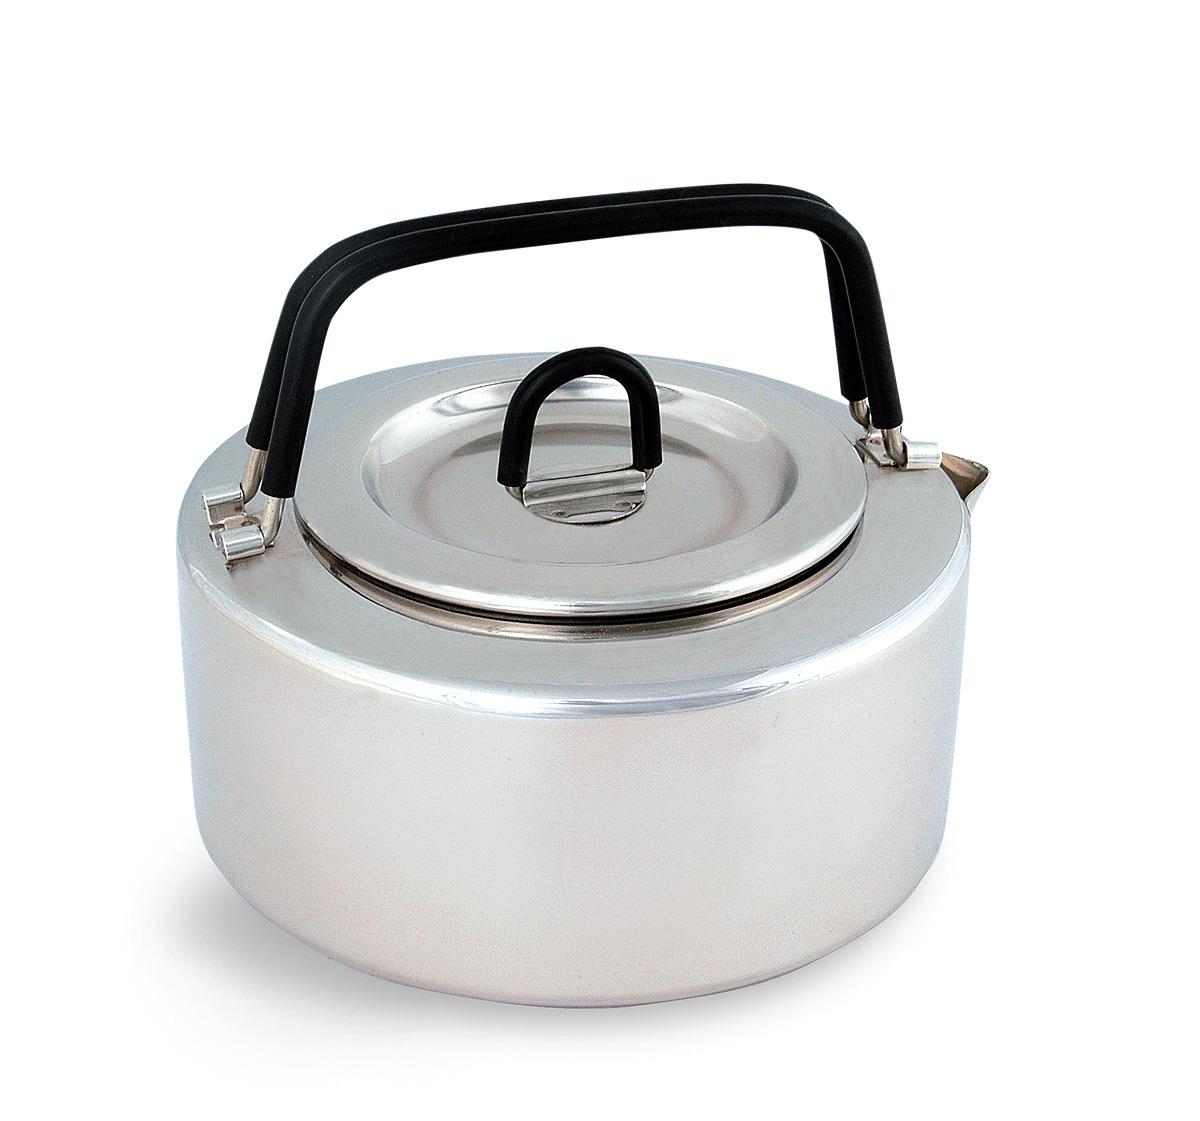 Чайник походный Tatonka Teapot, 1 л4017.000Чайник Tatonka Teapot из нержавеющей стали с термоизолированными ручками и компактным дизайном. Замечательно подходит для использования дома и на выезде. В комплекте ситечко из нержавеющей стали.Преимущества и особенности:Высококачественная нержавеющая сталь.Складные термоизолированные ручки.Крышка со складной термоизолированной ручкой.Компактный дизайн.Ситечко из нержавеющей стали.Диаметр чайника: 14,5 см.Высота чайника: 7 см.